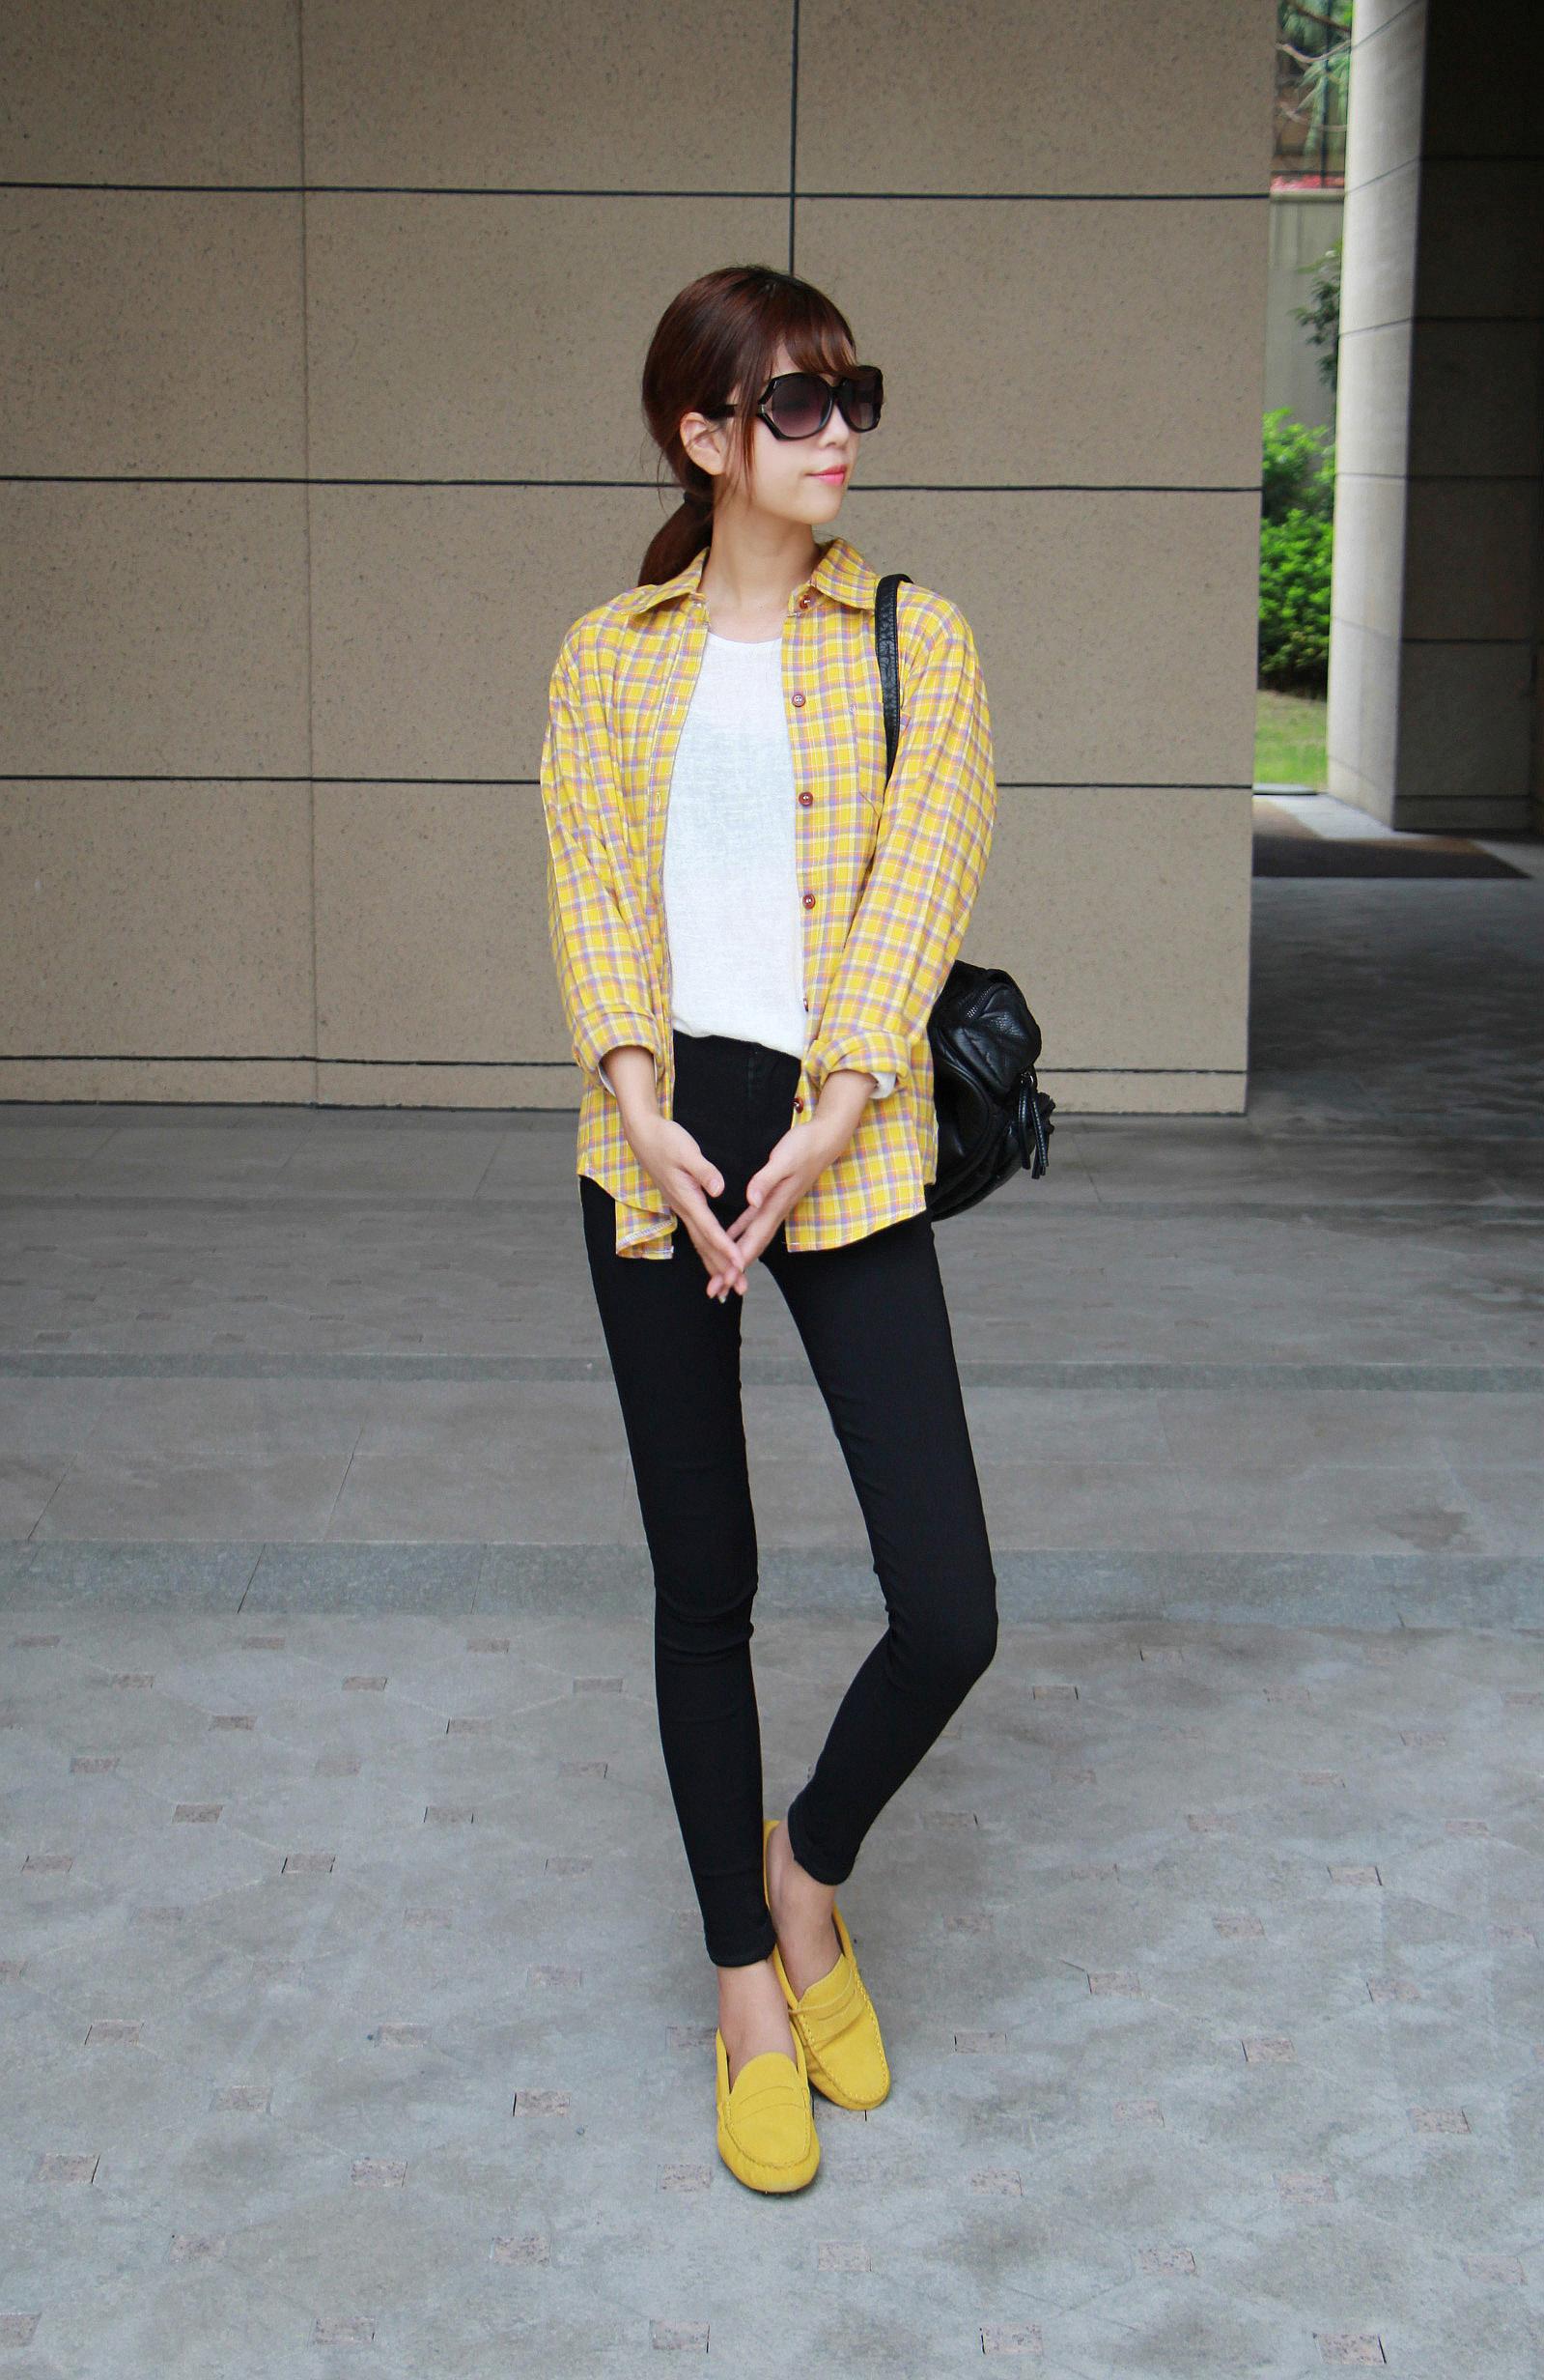 黄色格子衬衫跟豆豆鞋的搭配文艺清新范儿的一套哦